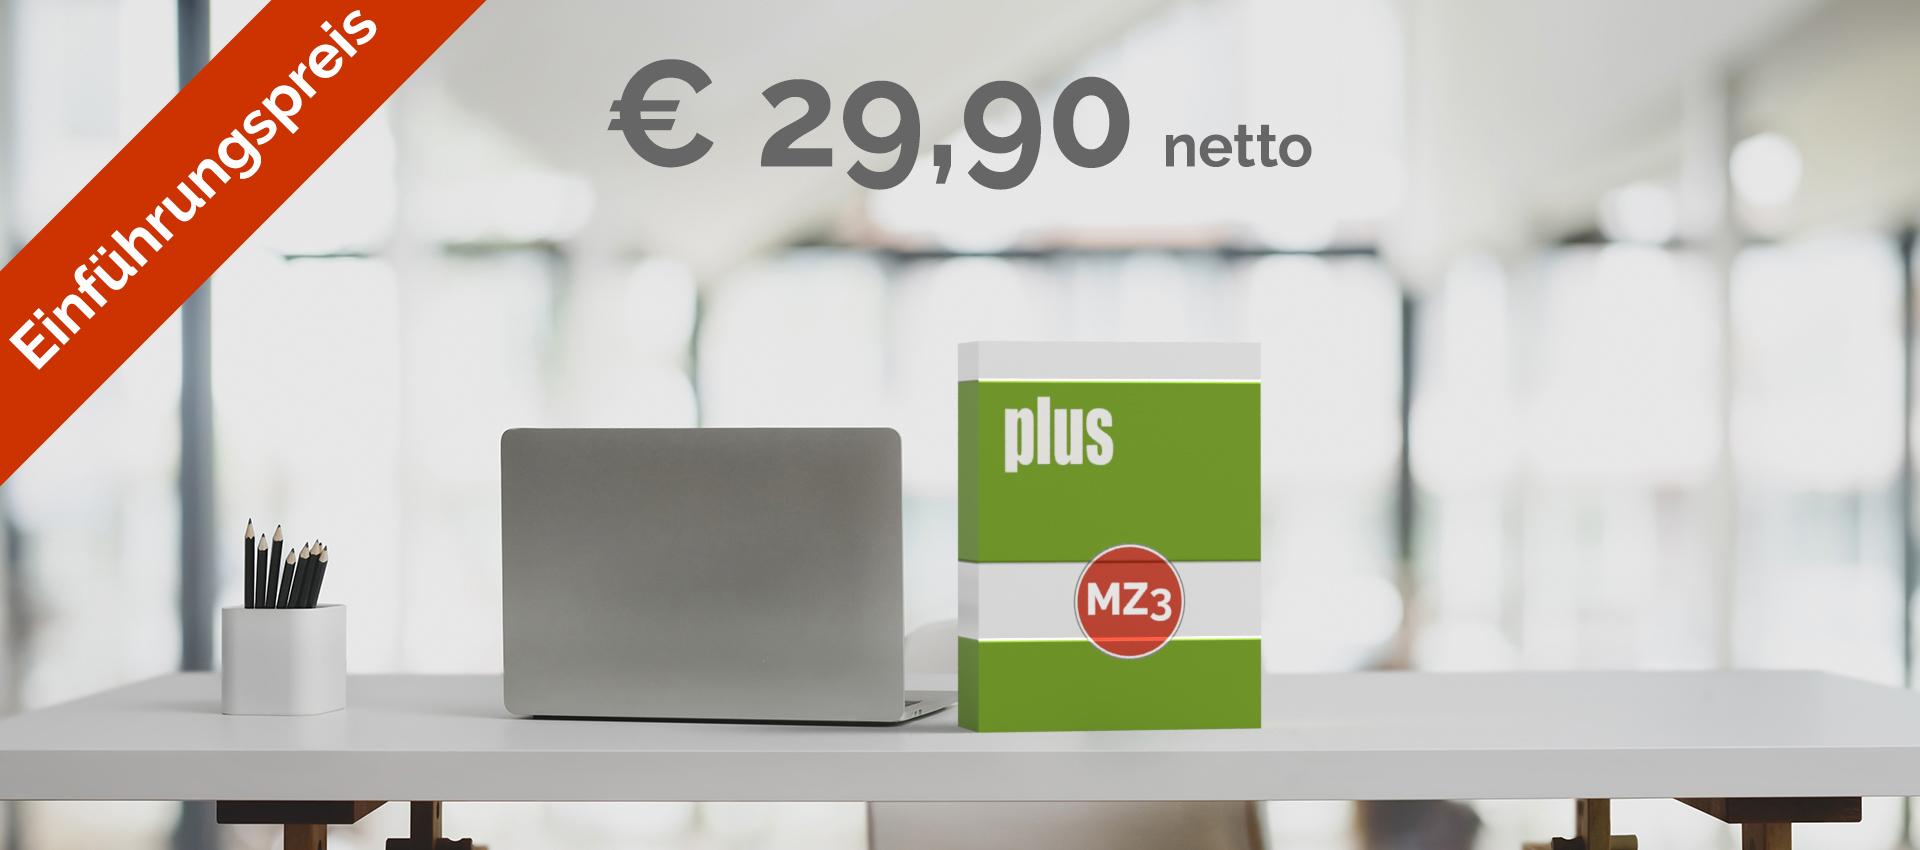 MZ3 plus - Einstiegsversion mit Offline plus Online Books